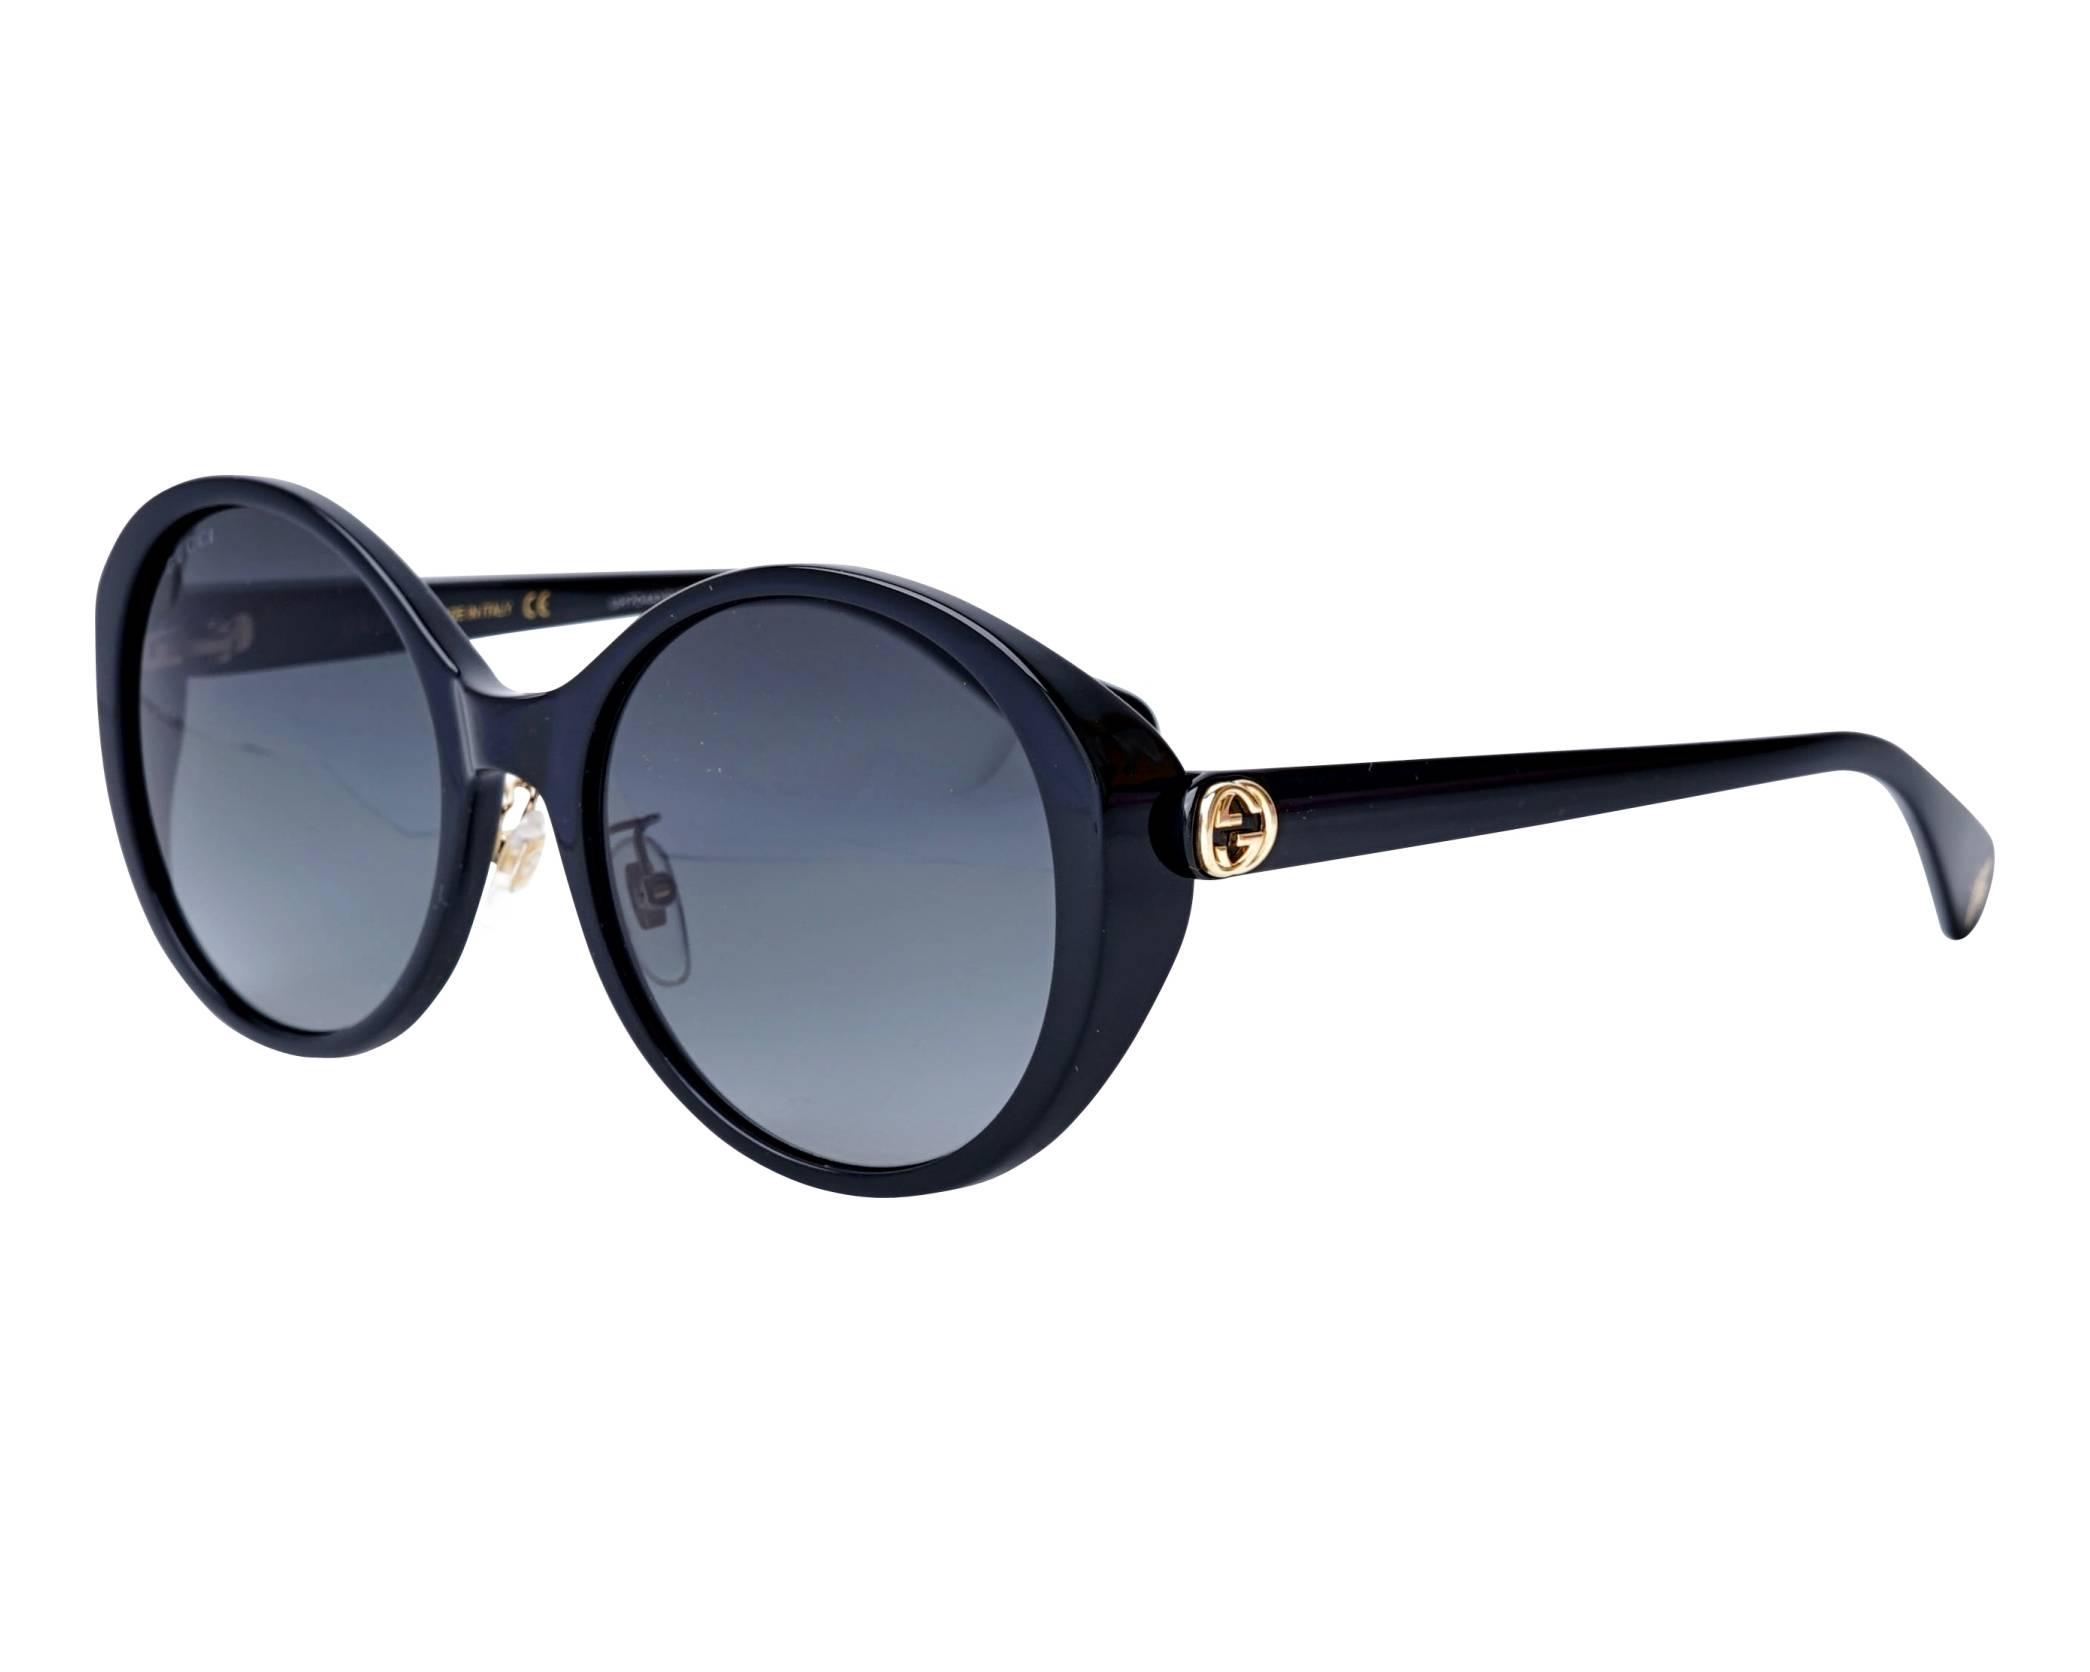 8c4100cf06e Sunglasses Gucci GG-0370-SK 001 56-19 Black profile view